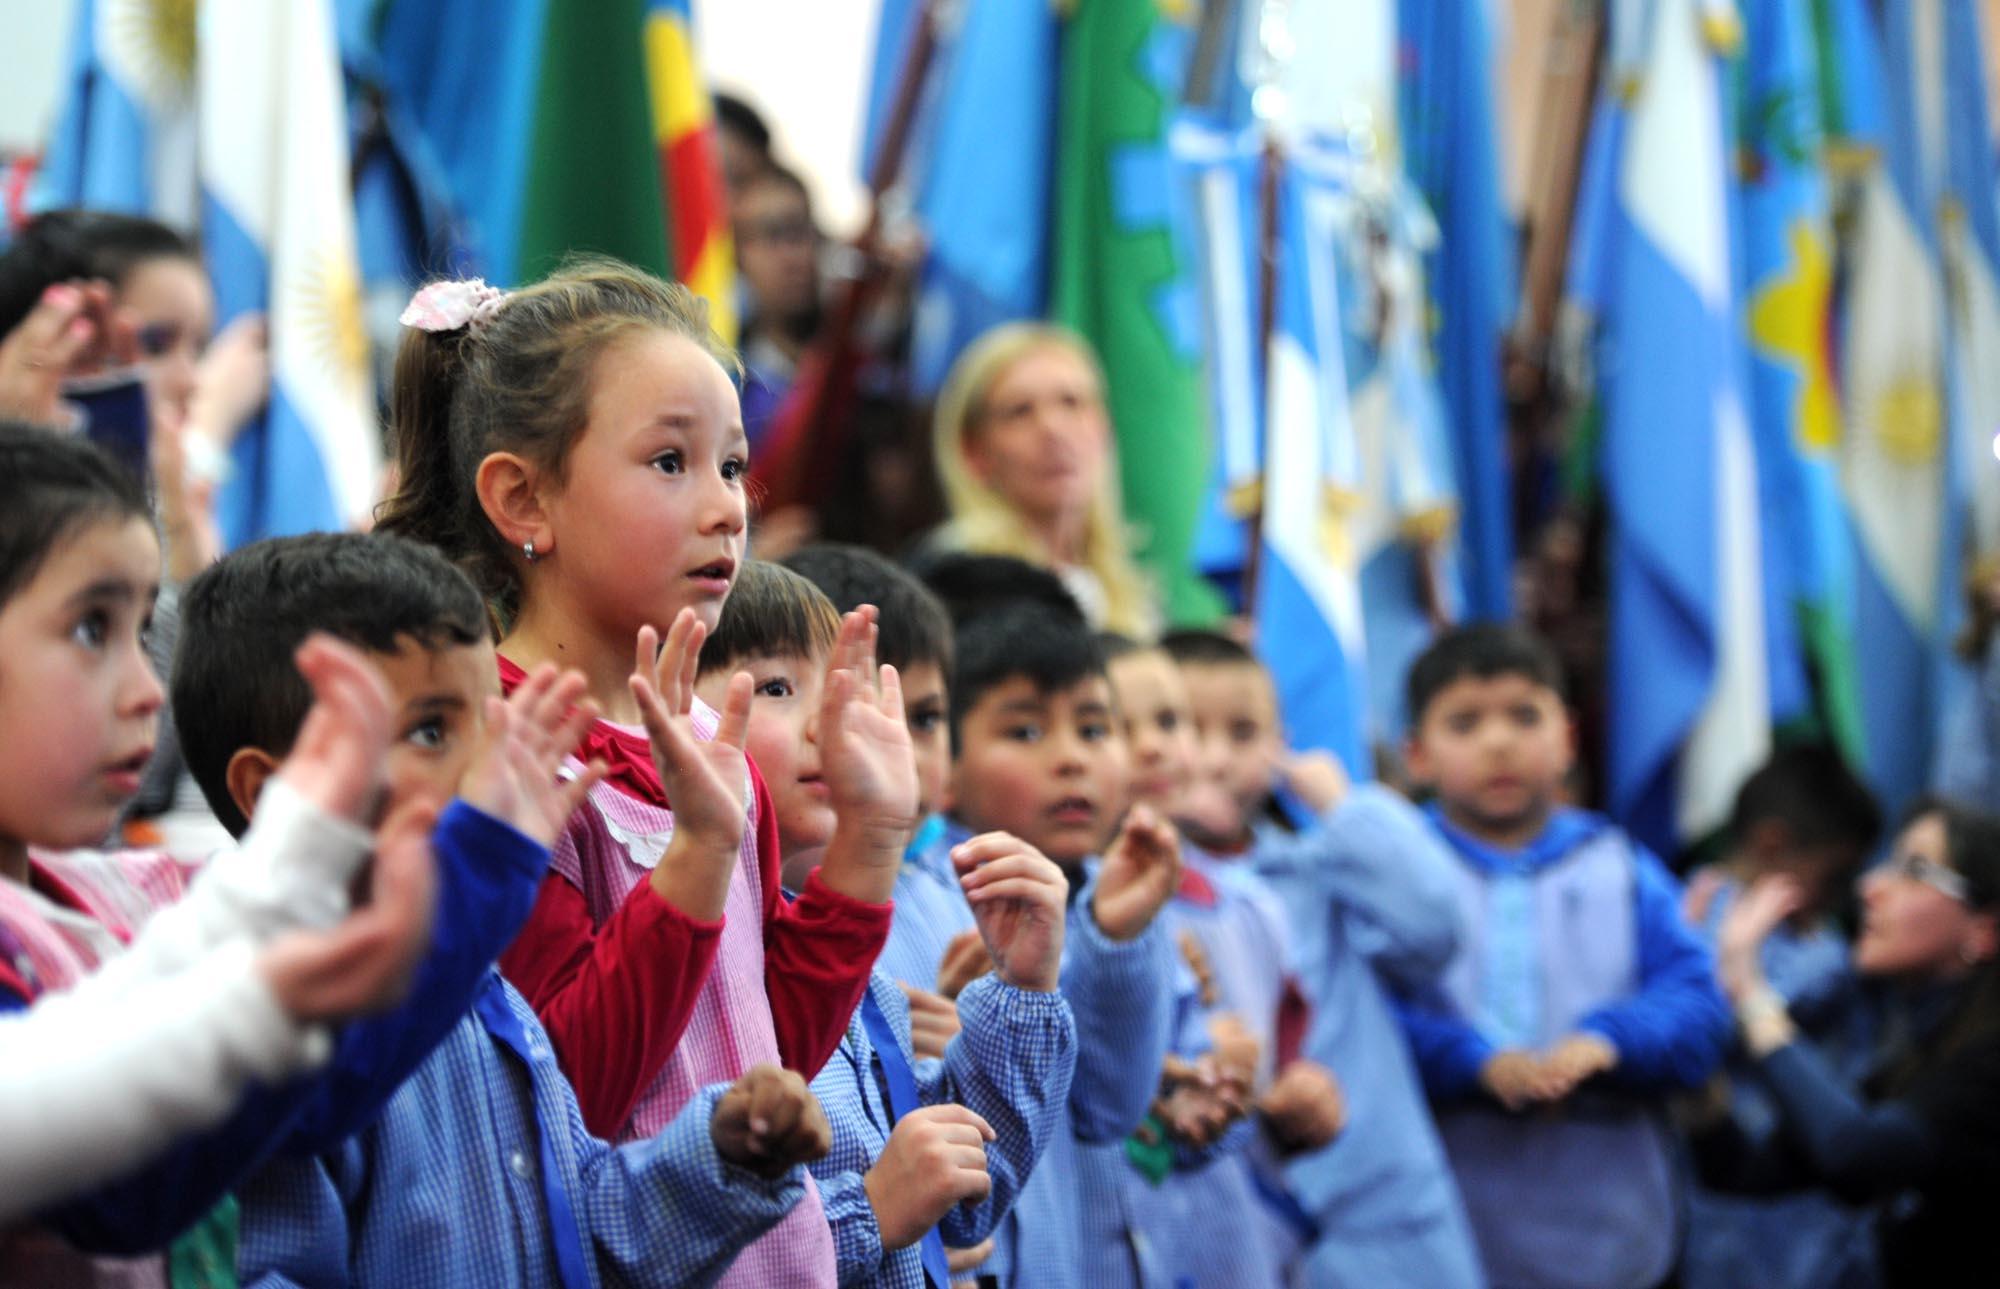 07-07-2016 - Finocchiaro en el acto de los 200 años de la independencia en La Matanza 2